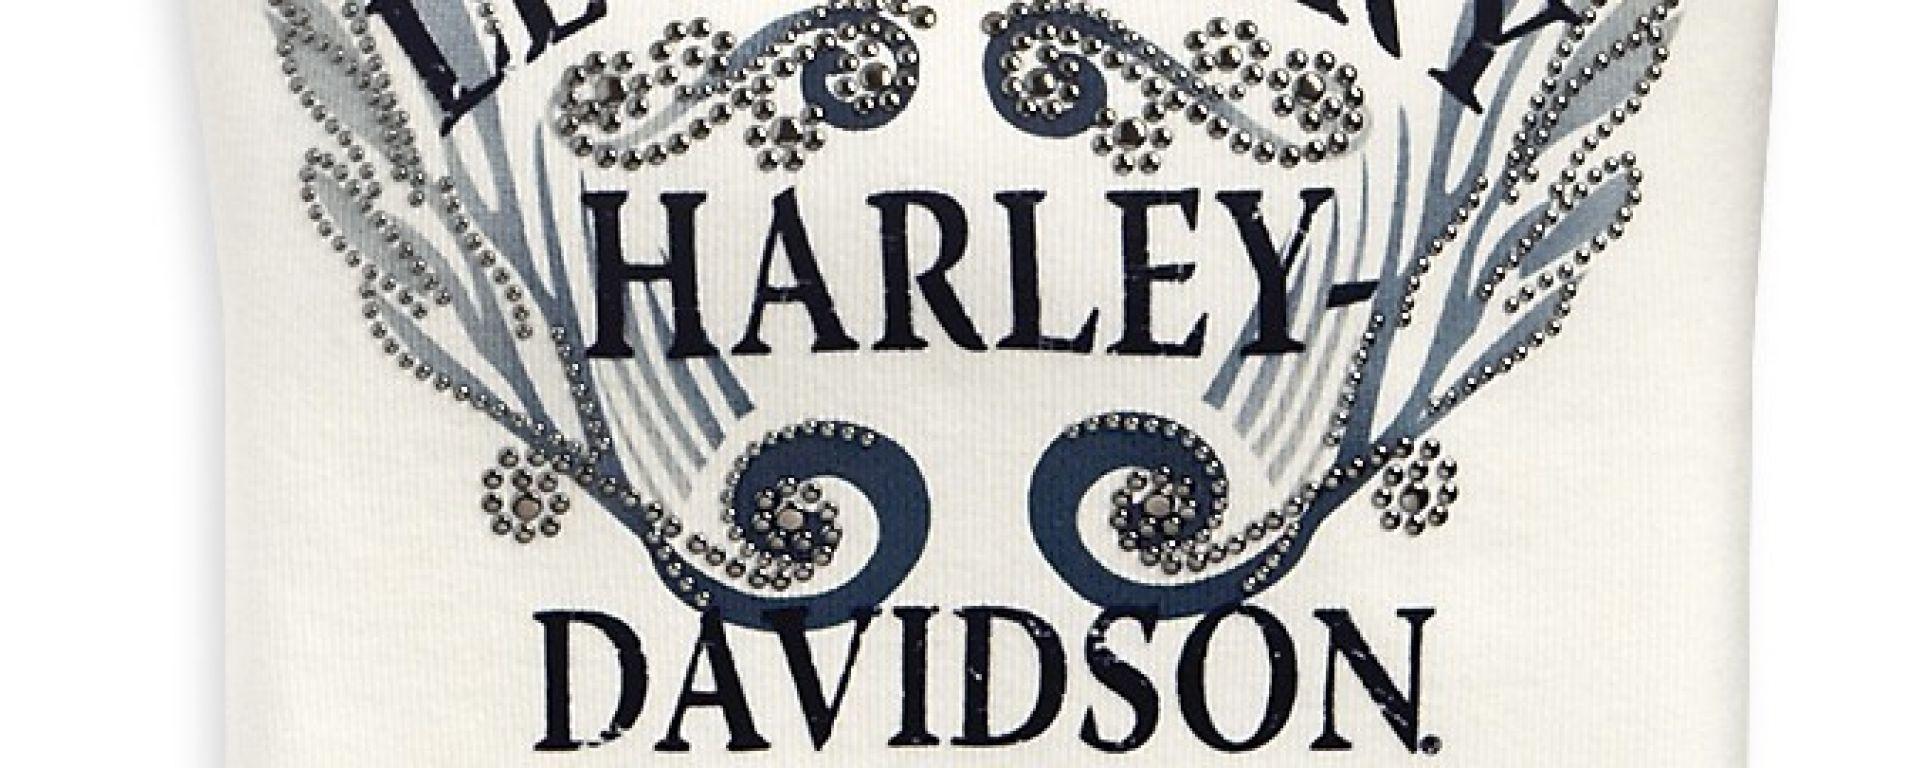 HARLEY DAVIDSON: Nuova collezione autunno 2010